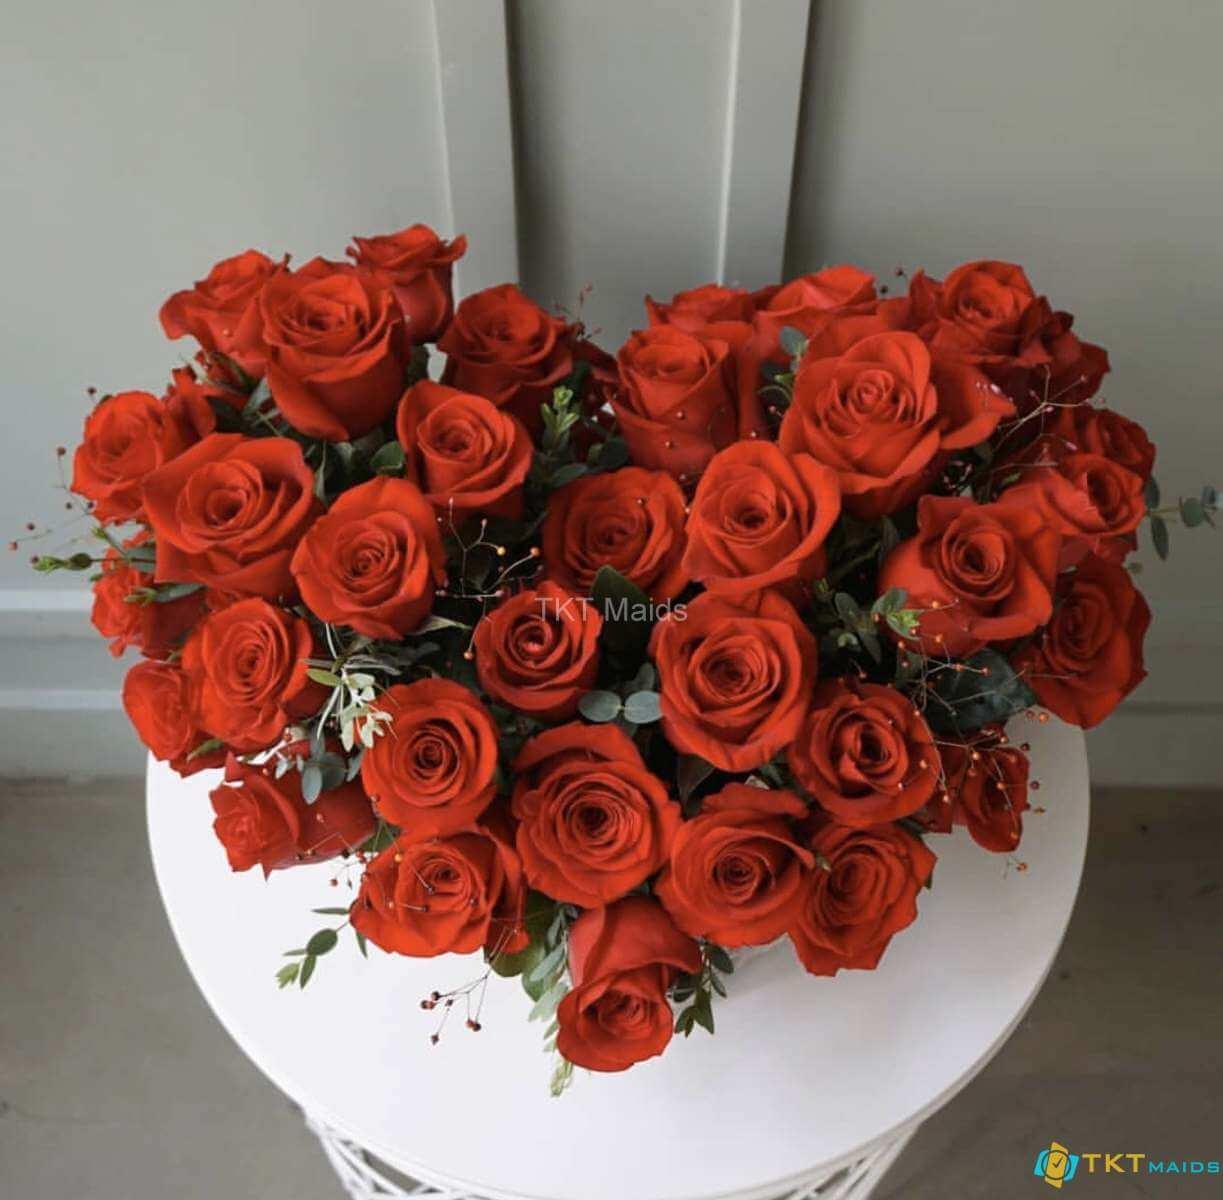 Hình ảnh: Hoa hồng